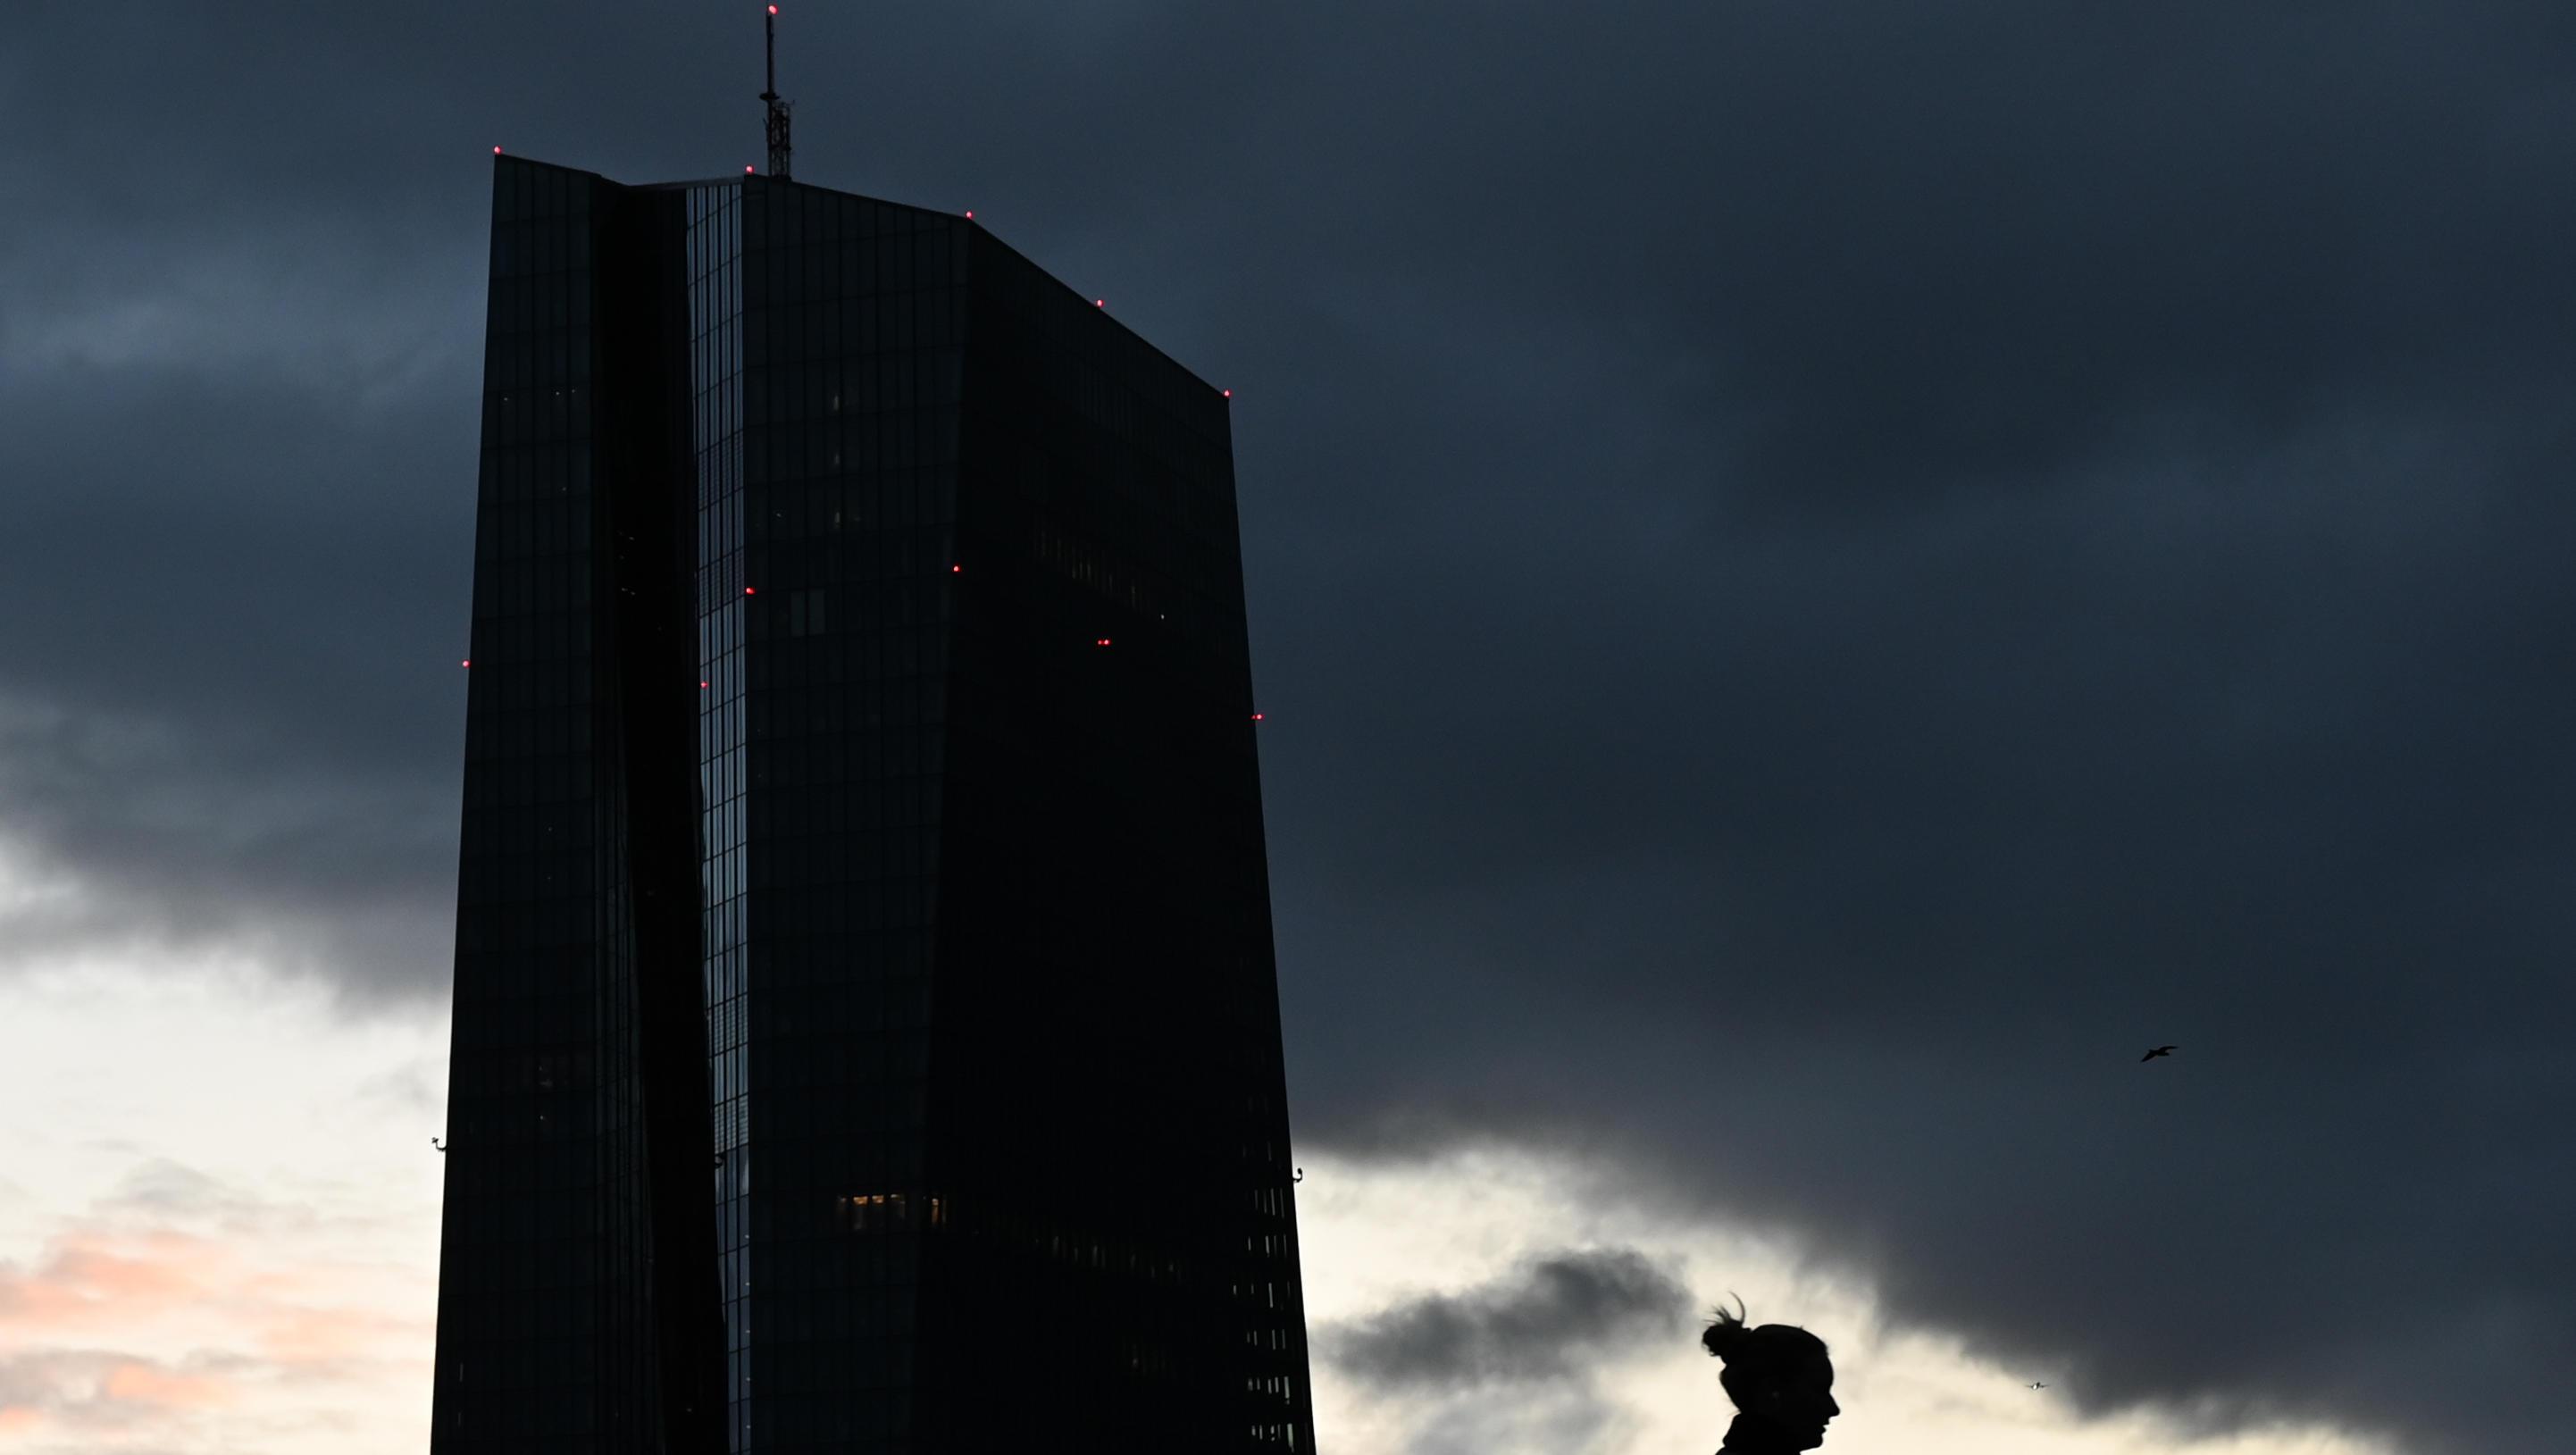 Rekordhohe Schulden der Unternehmen bedrohen das globale Finanzsystem